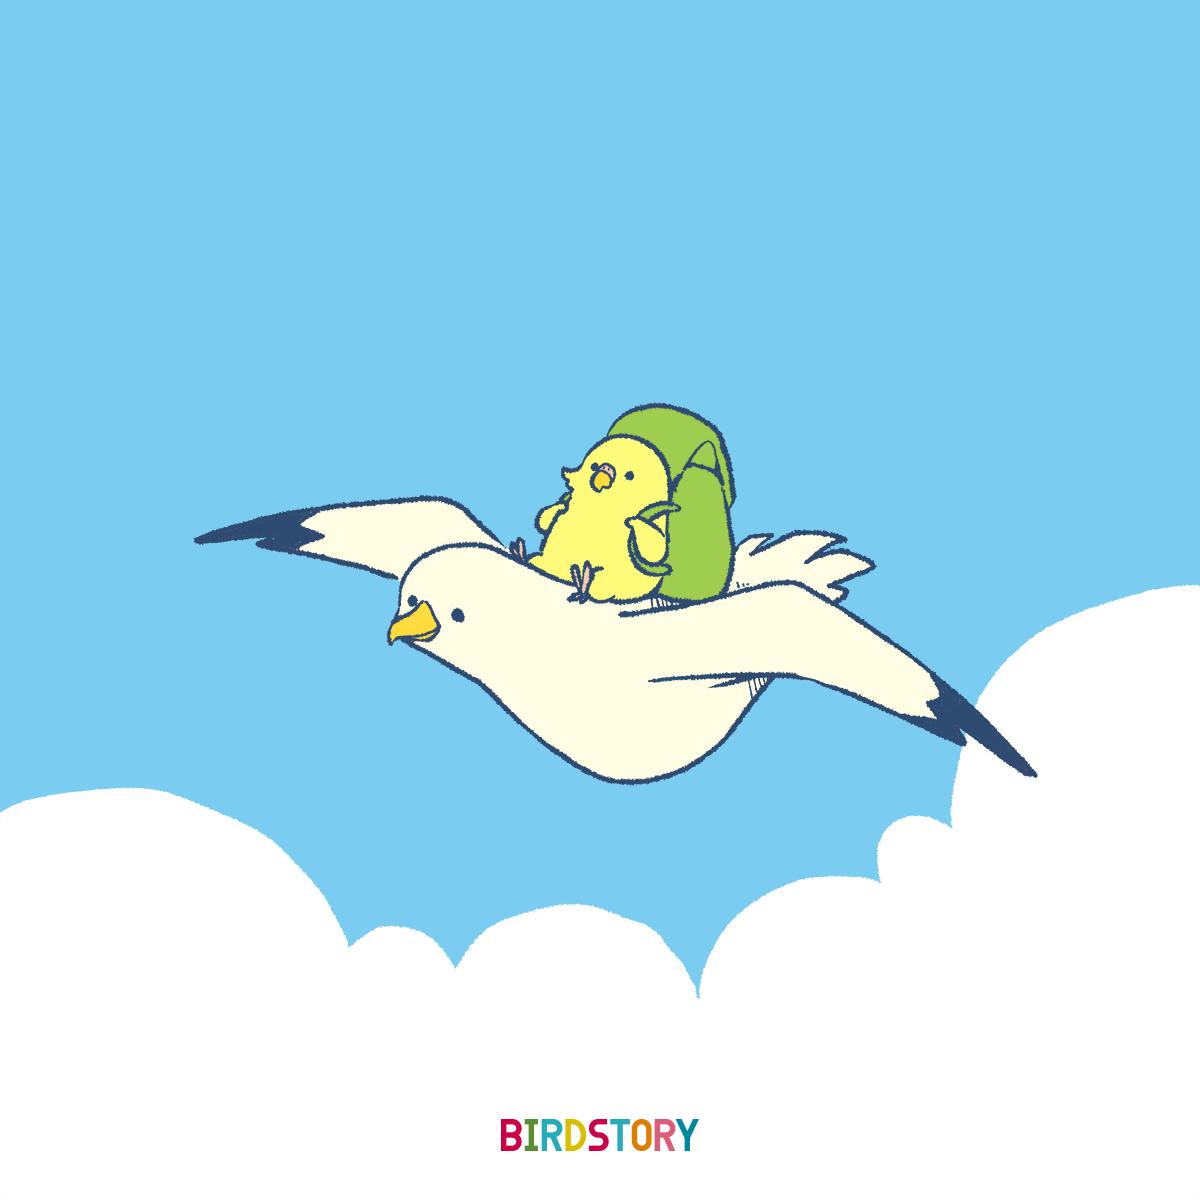 旅の日 カモメ空を飛ぶイラスト